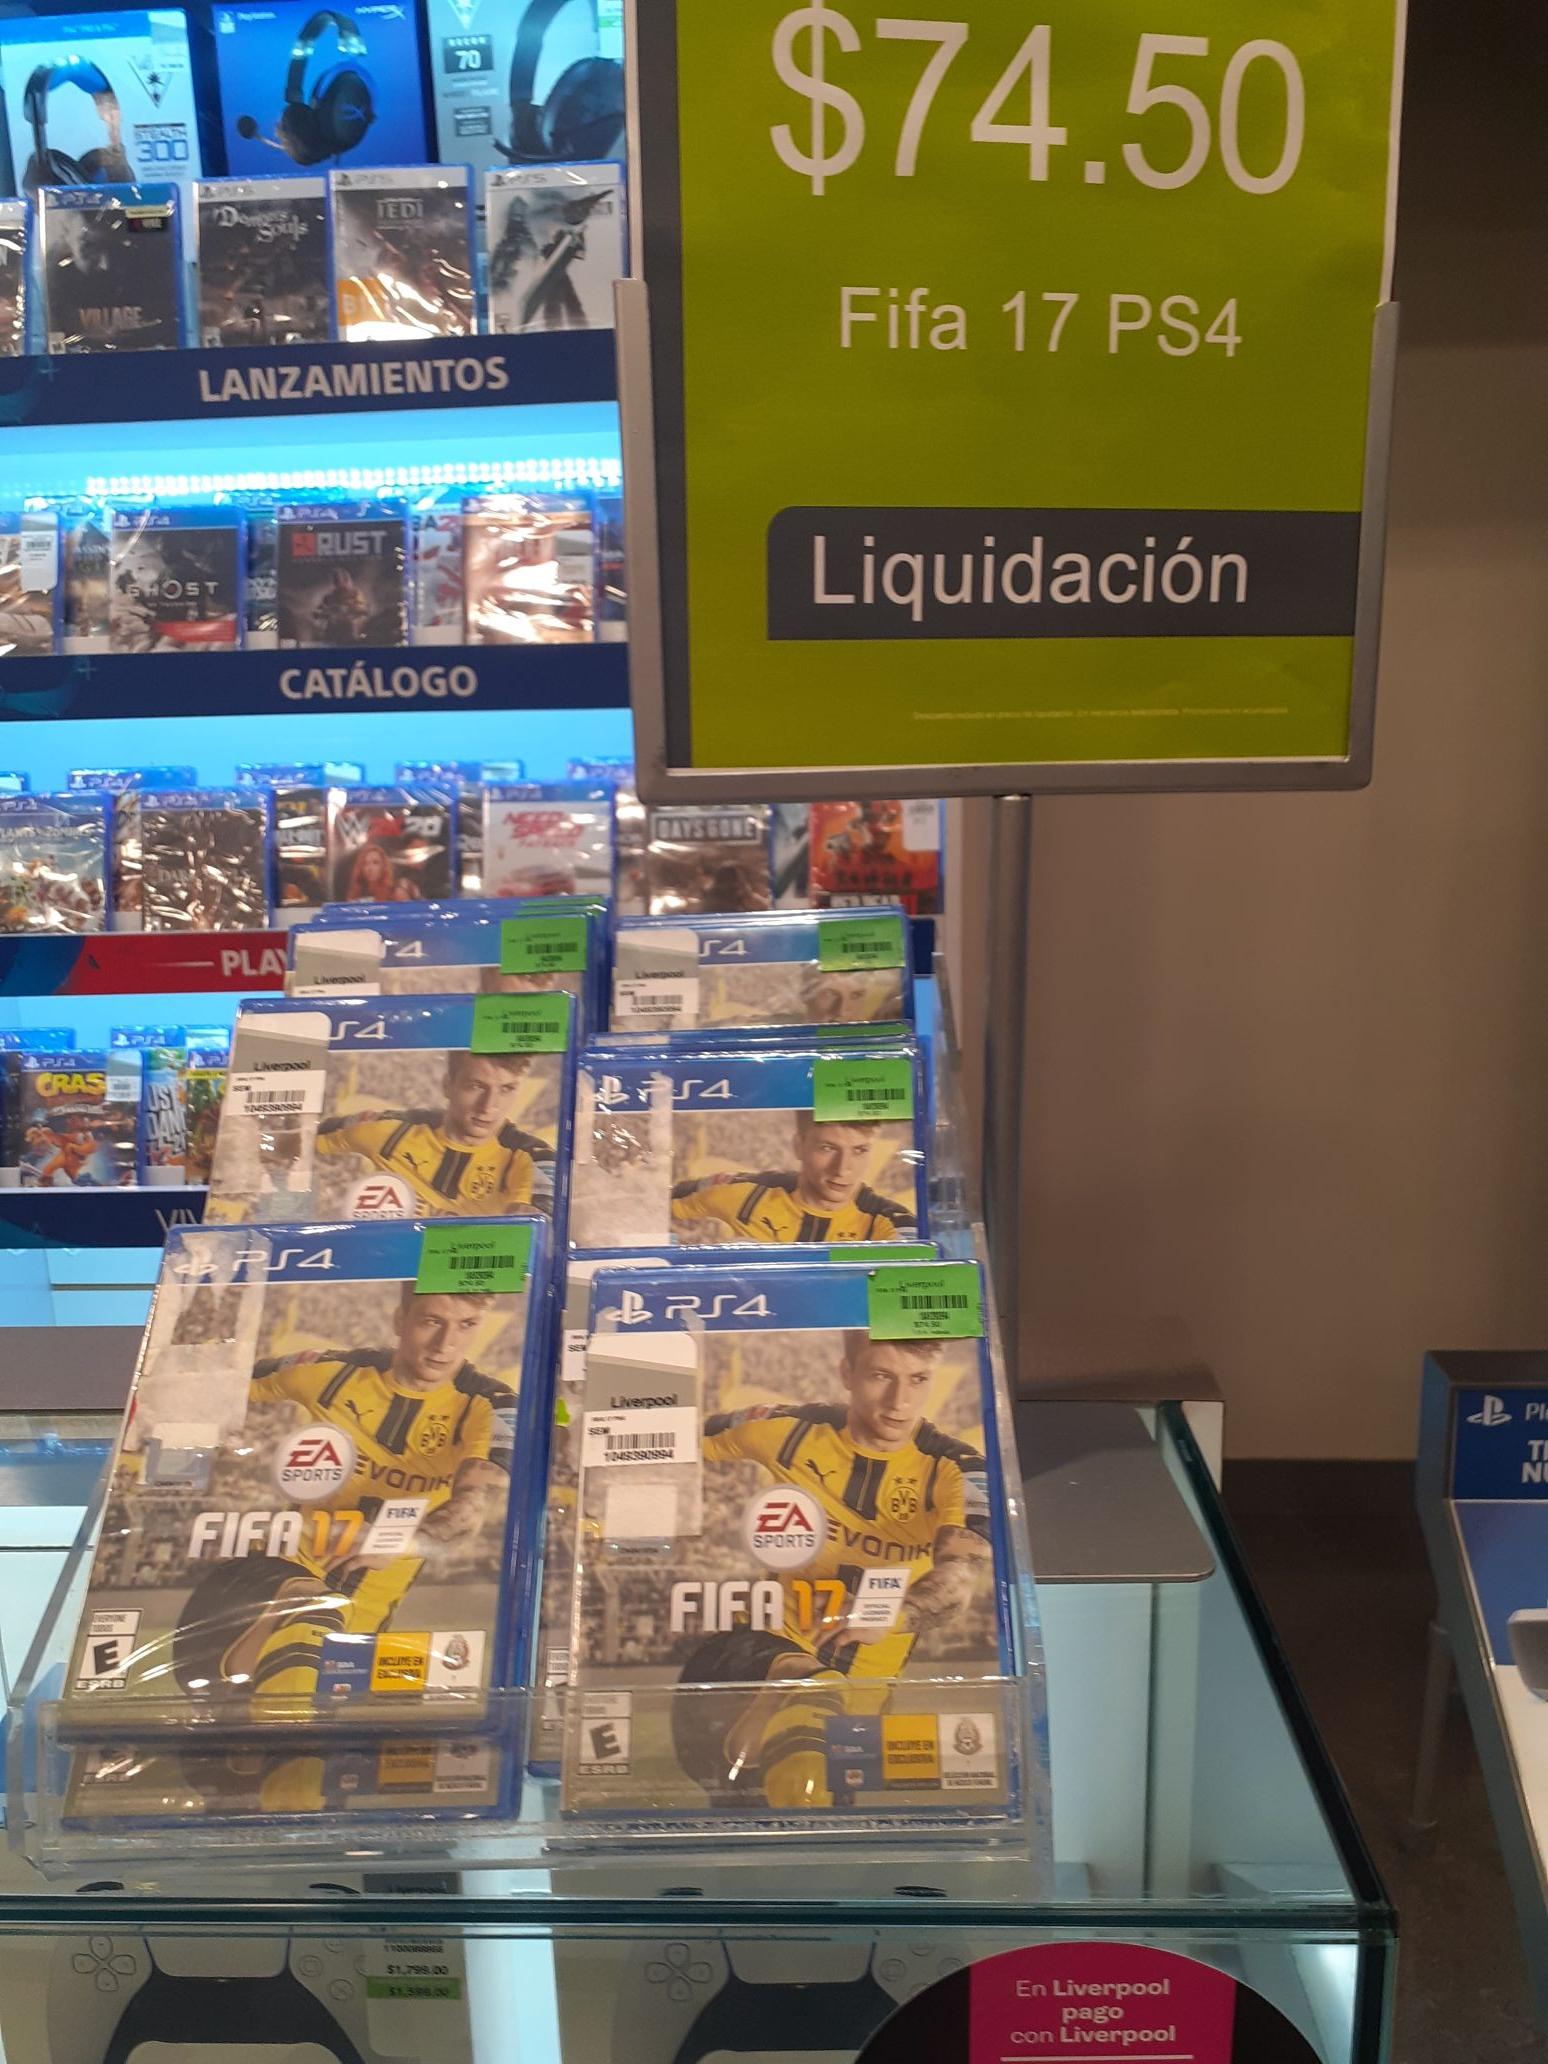 LIVERPOOL FIFA 17 PS4 Y OTROS EN LIQUIDACIÓN